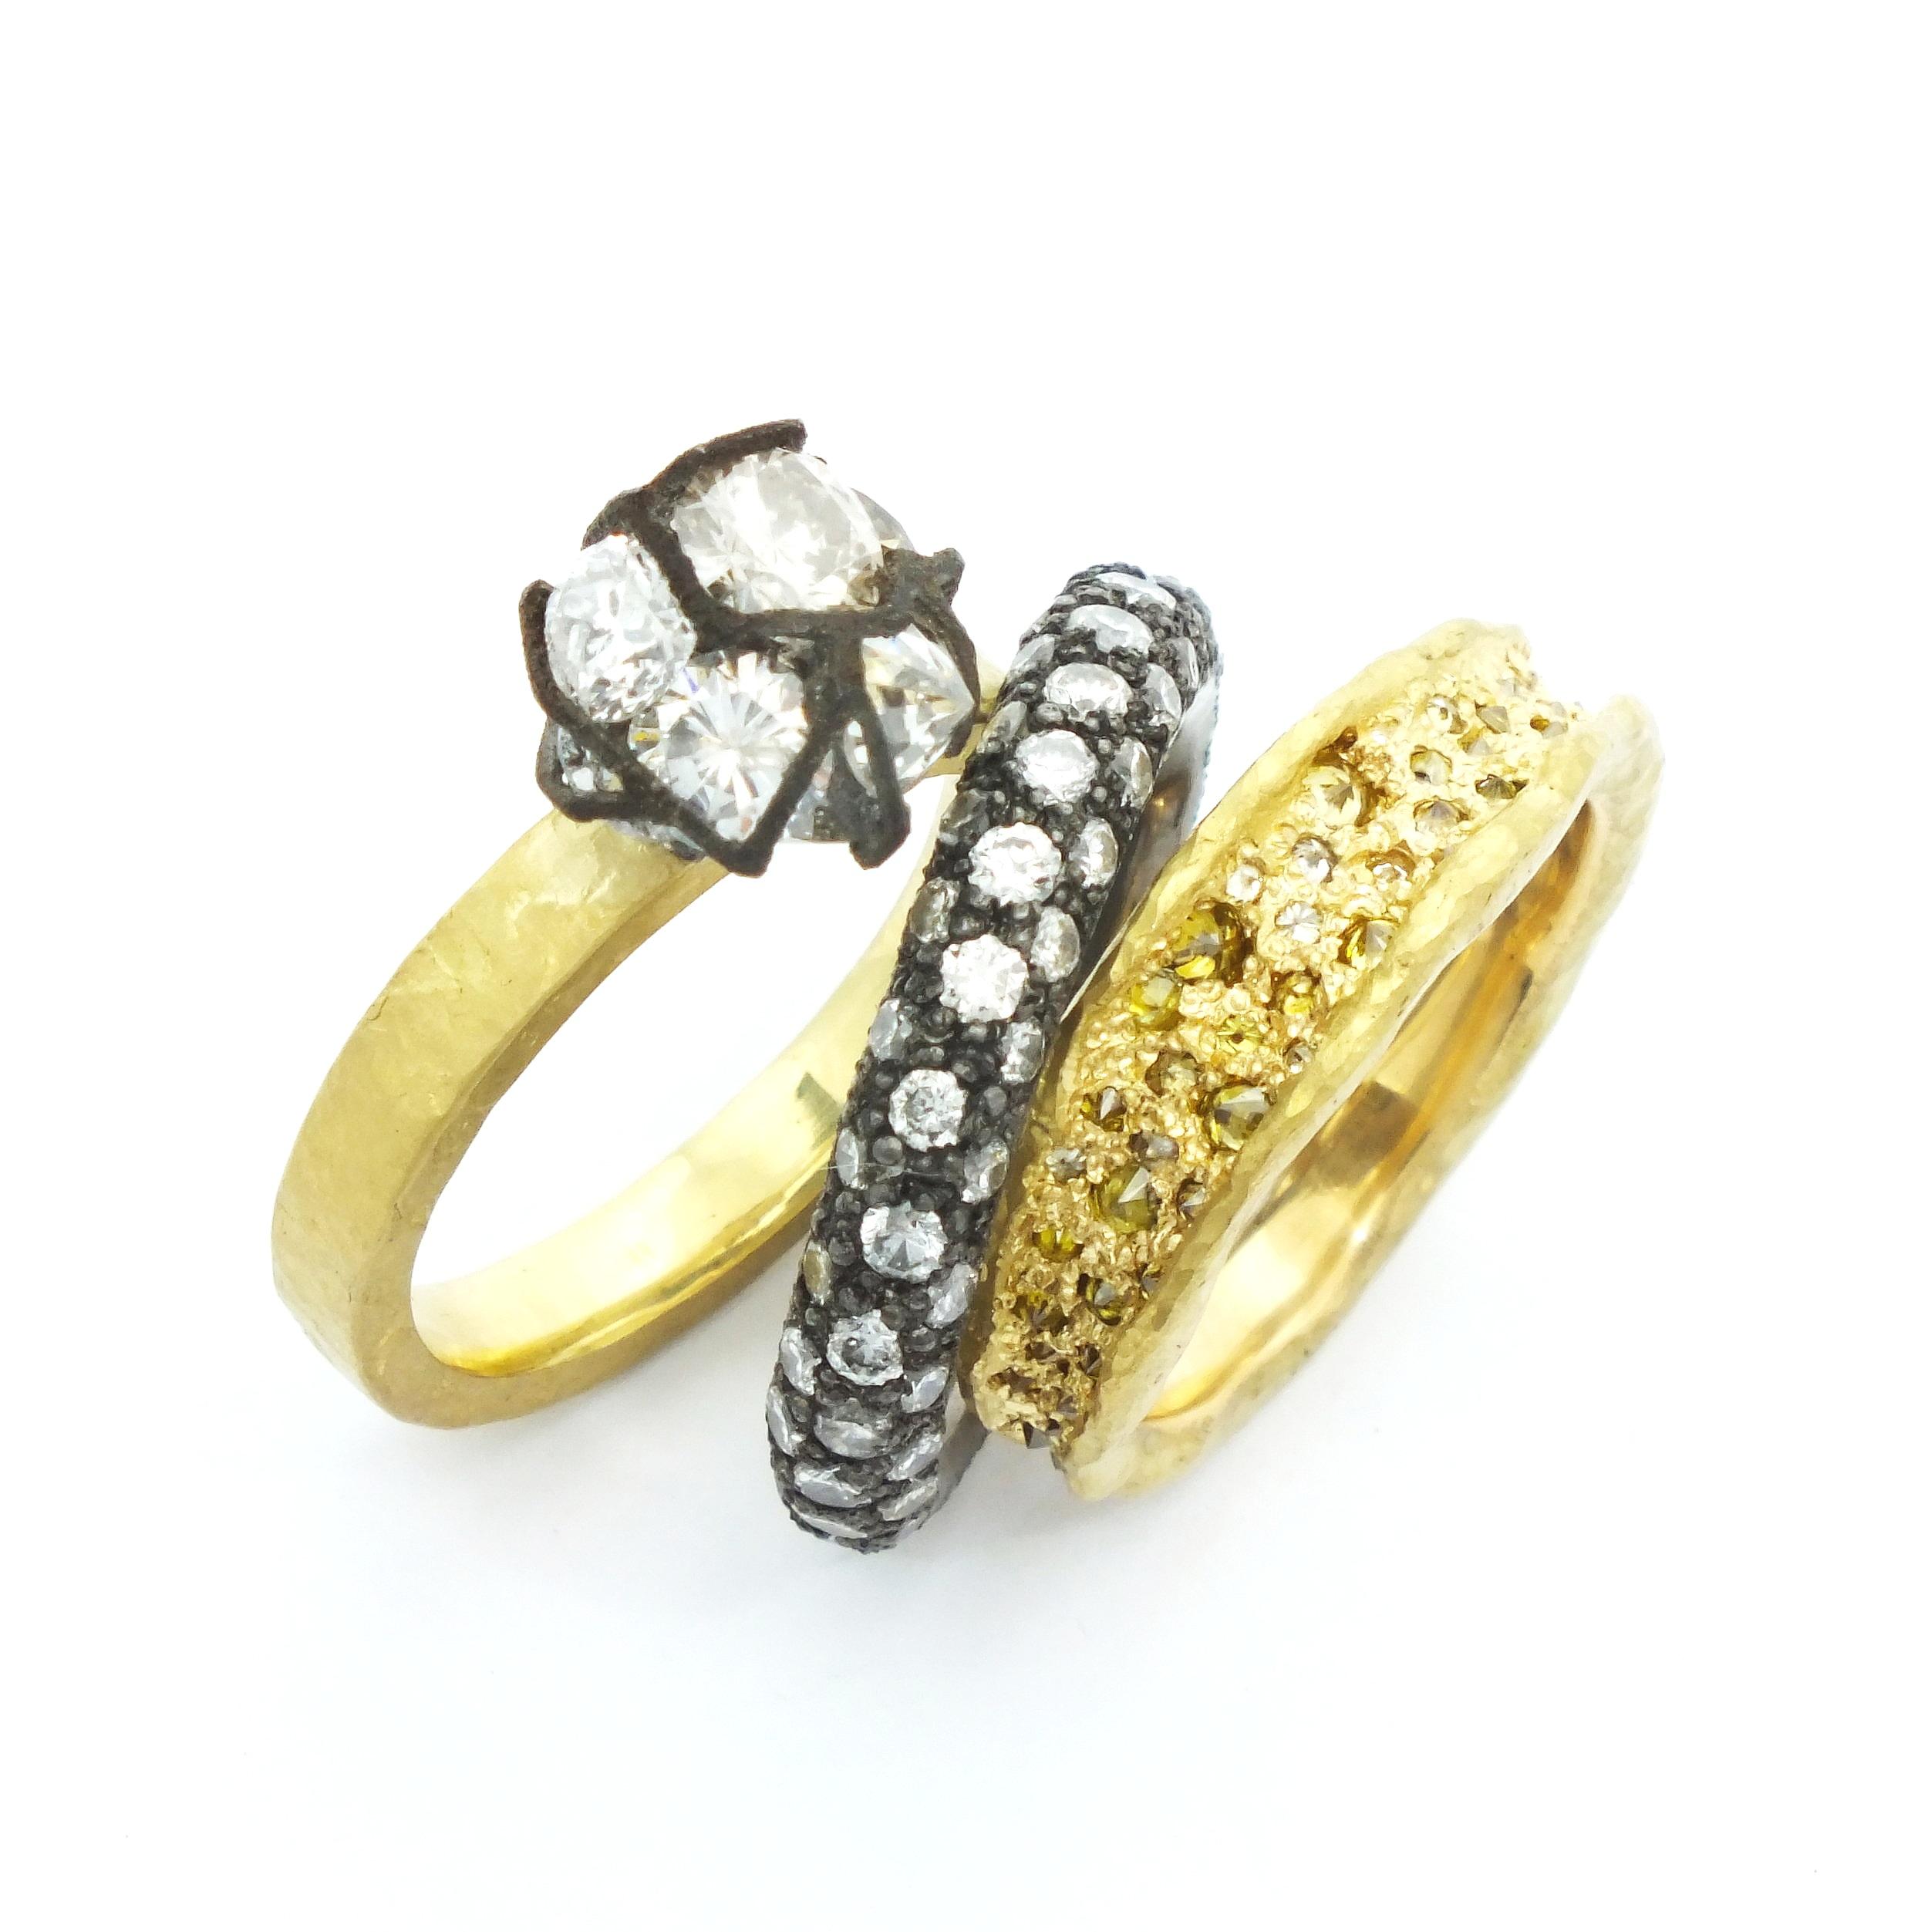 TAP.Ring.grp - Debra Rosen.JPG